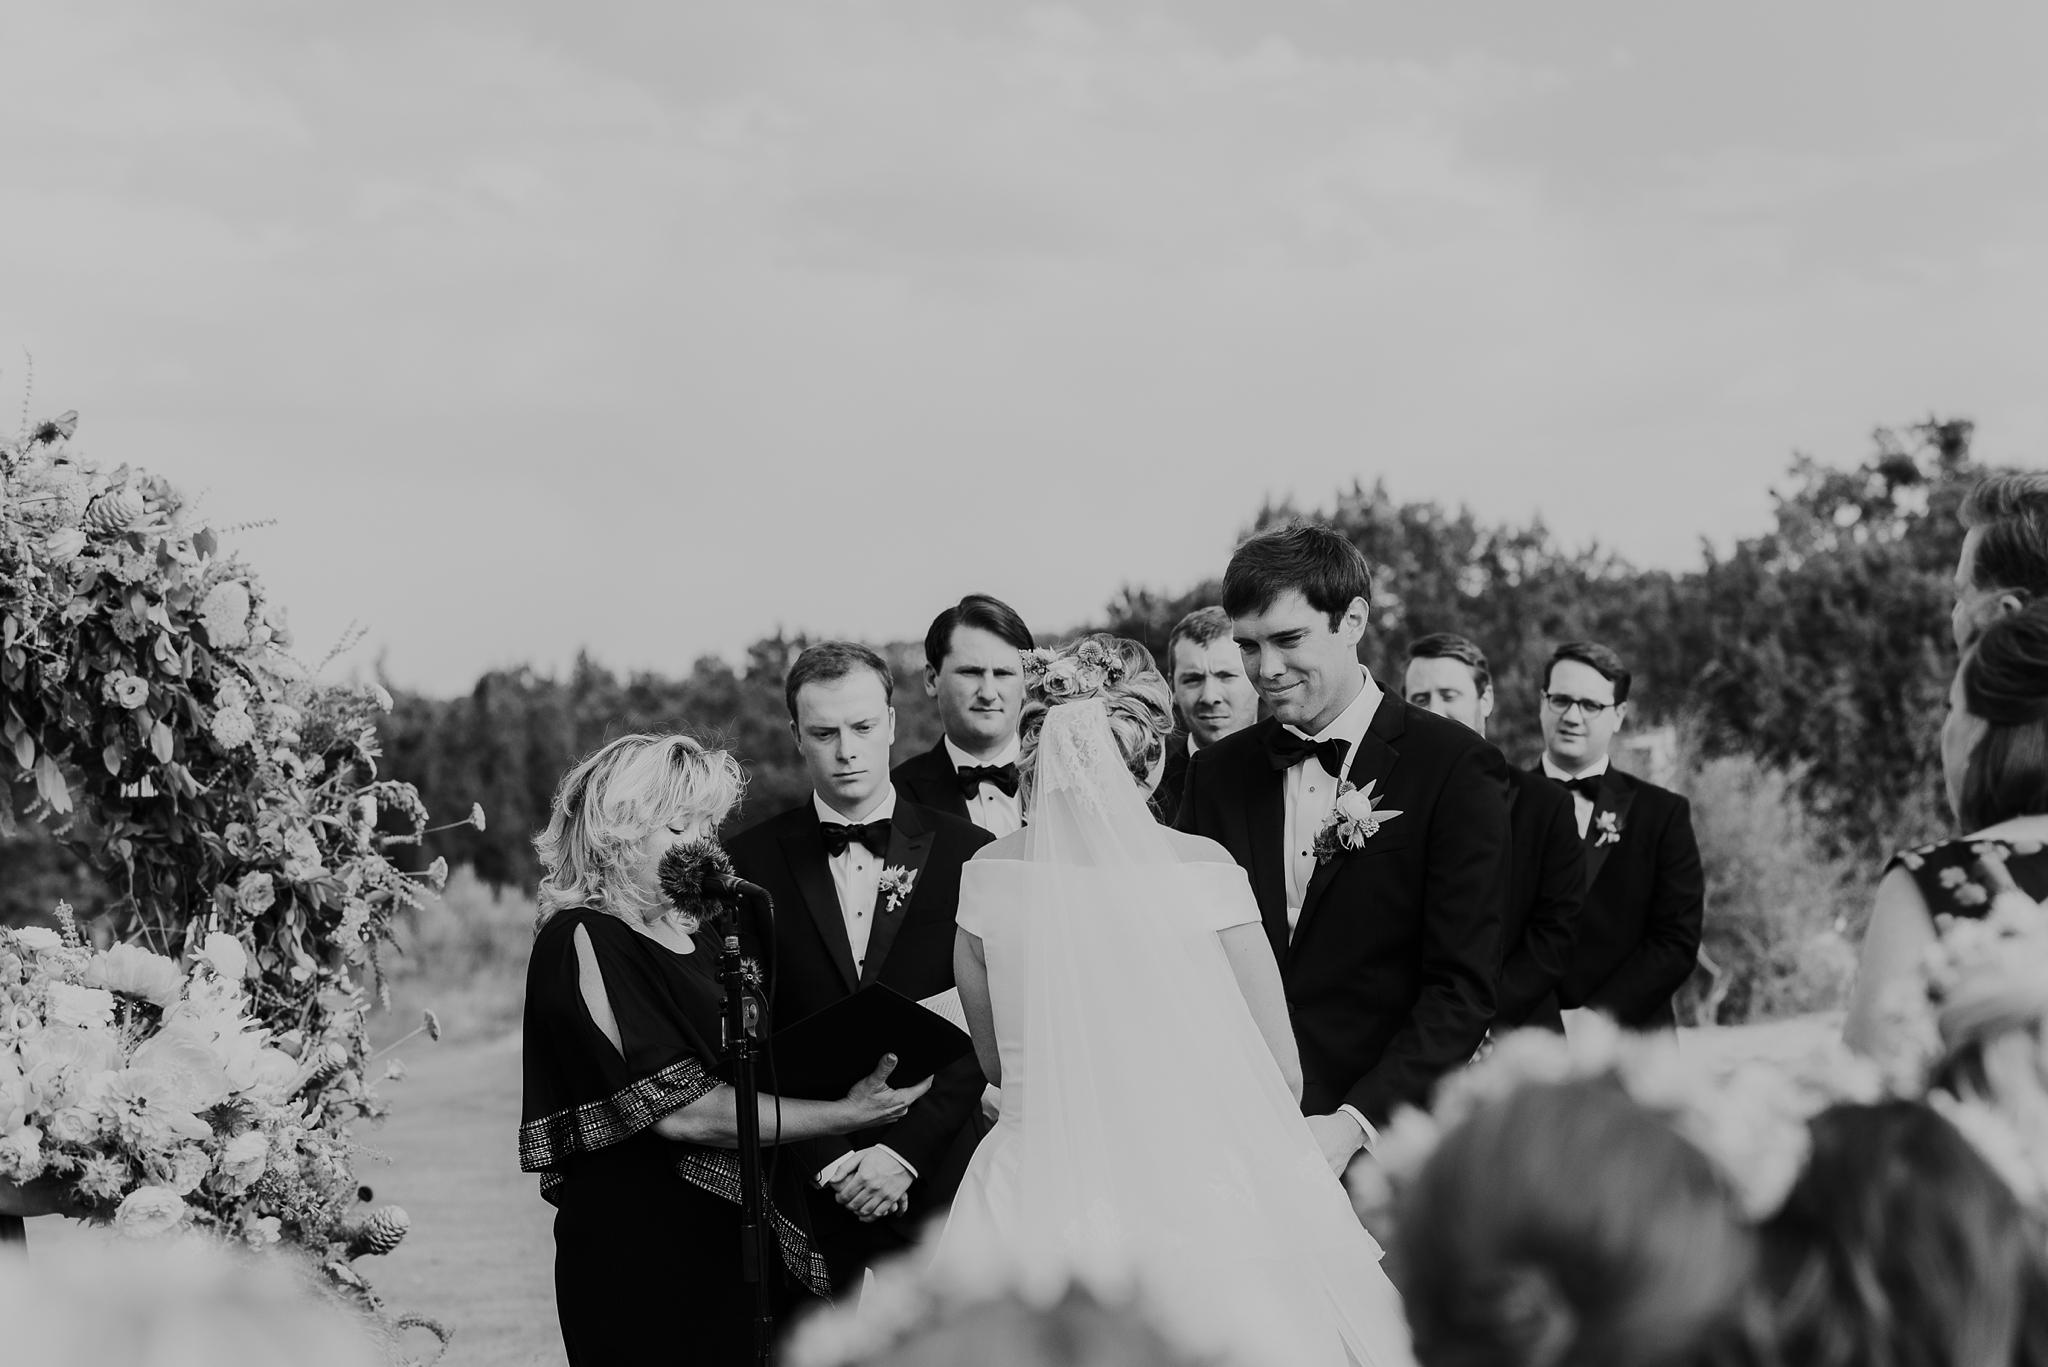 Alicia+lucia+photography+-+albuquerque+wedding+photographer+-+santa+fe+wedding+photography+-+new+mexico+wedding+photographer+-+new+mexico+wedding+-+las+campanas+wedding+-+santa+fe+wedding+-+maximalist+wedding+-+destination+wedding_0058.jpg